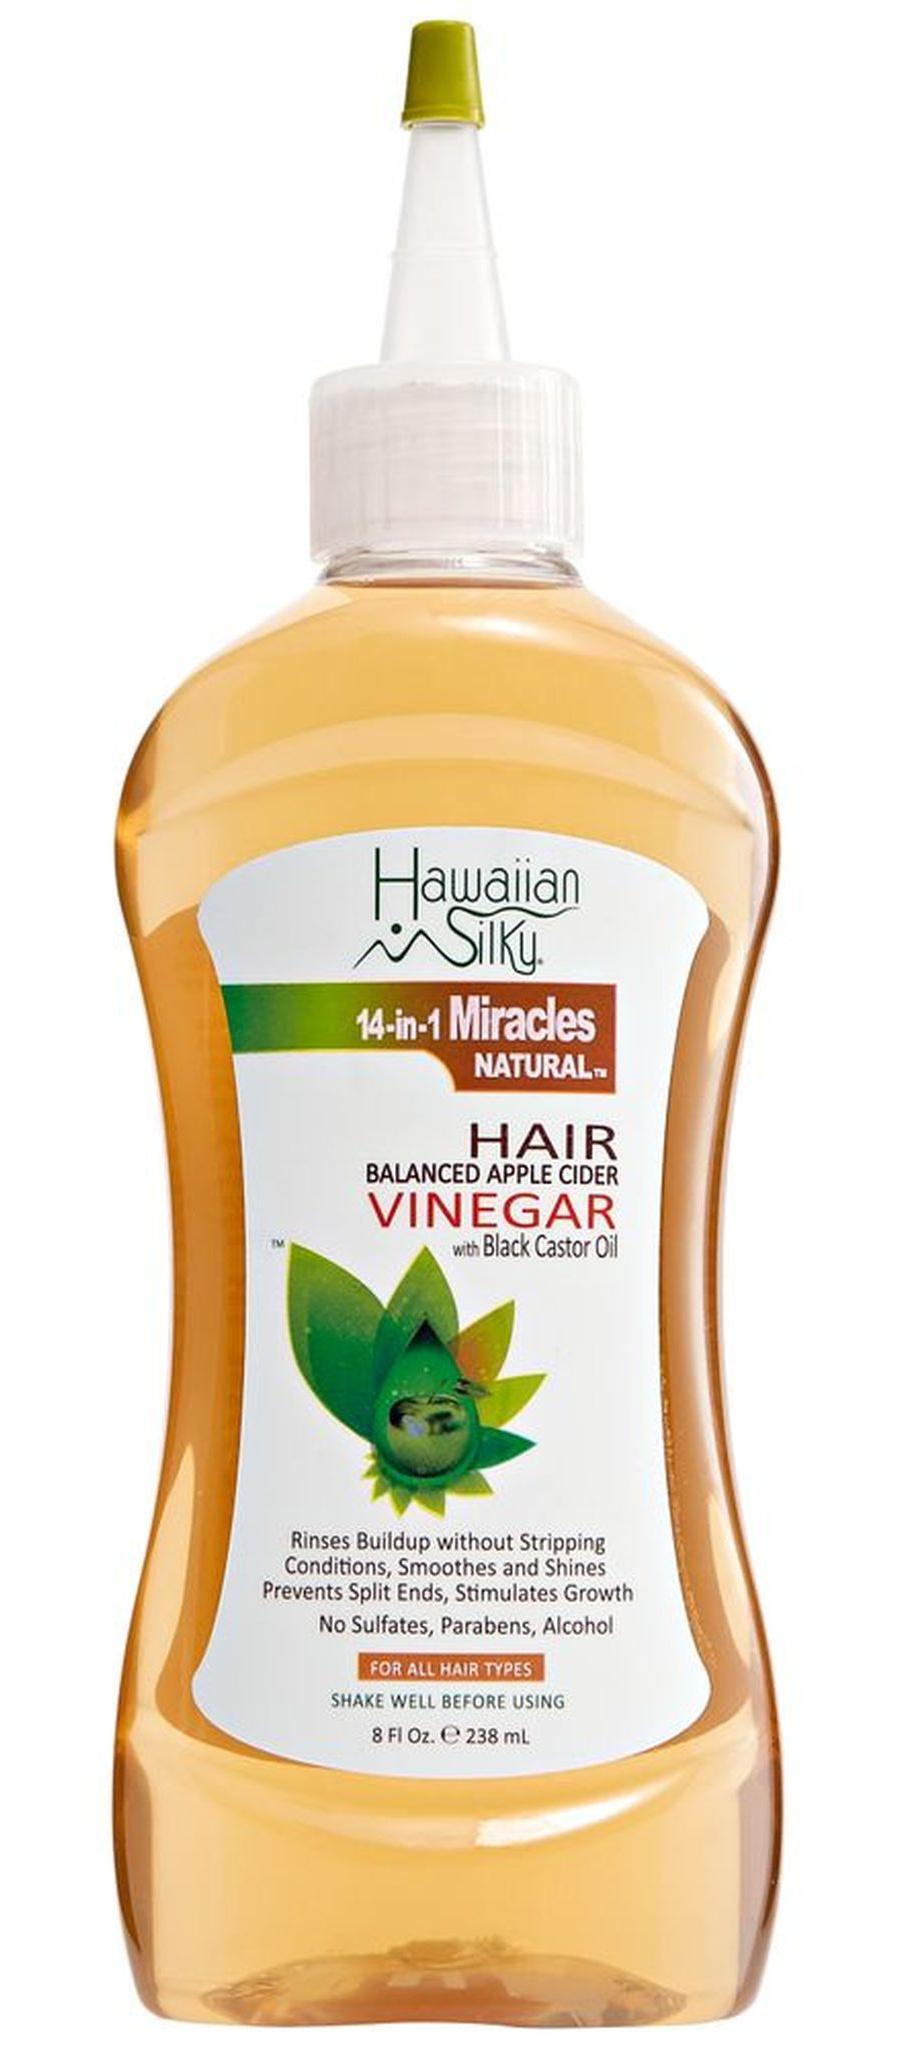 Hawaiian Silky Apple Cider Vinegar Hair Balanced Apple Cider Vinegar With Black Castor Oil